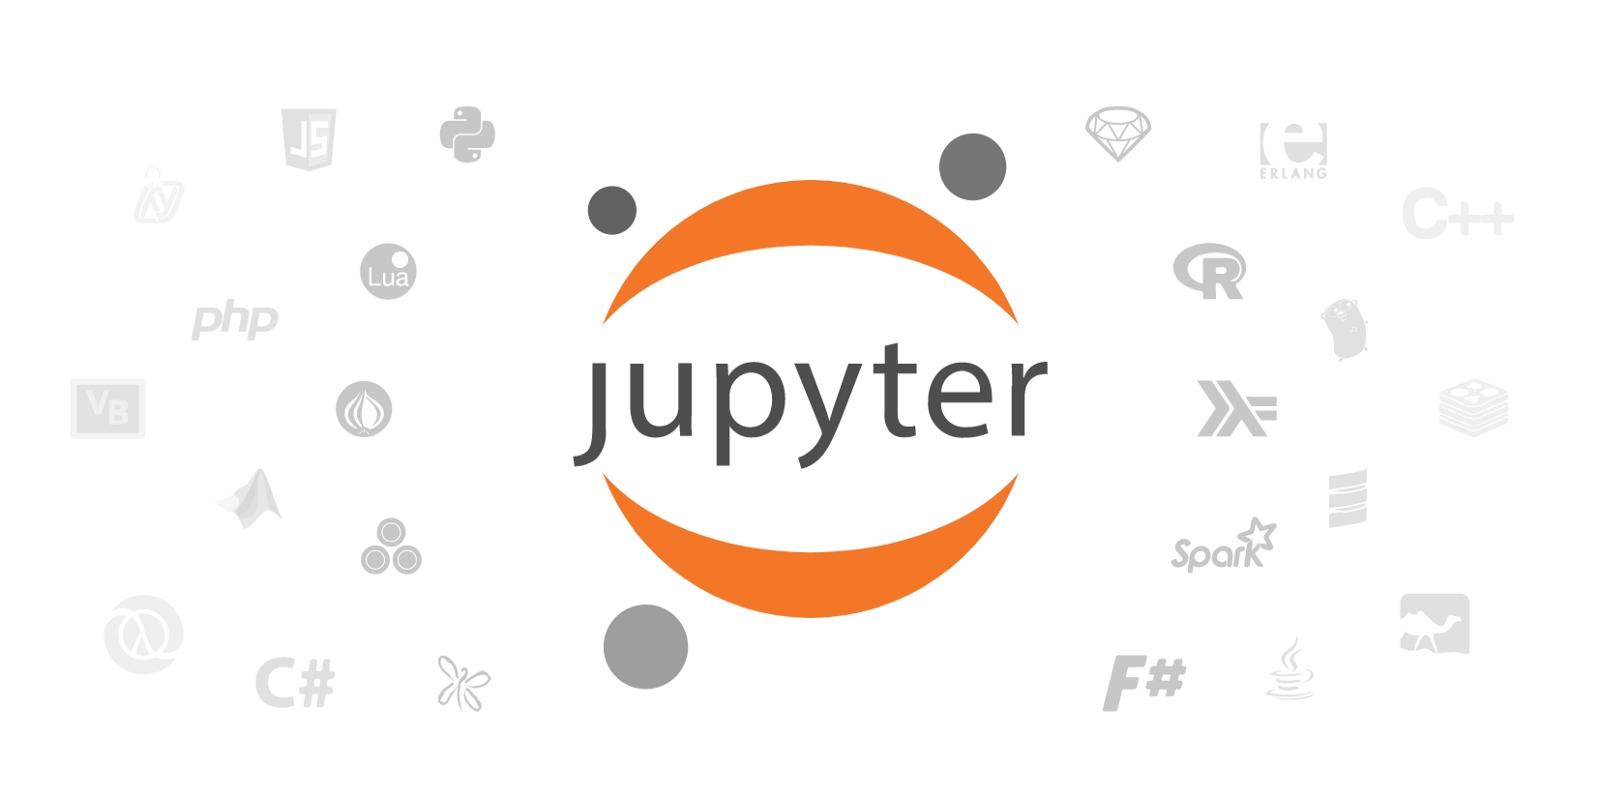 ژوپیتر نوت بوک (Jupyter Notebook) و افزونه های آن — راهنمای کاربردی